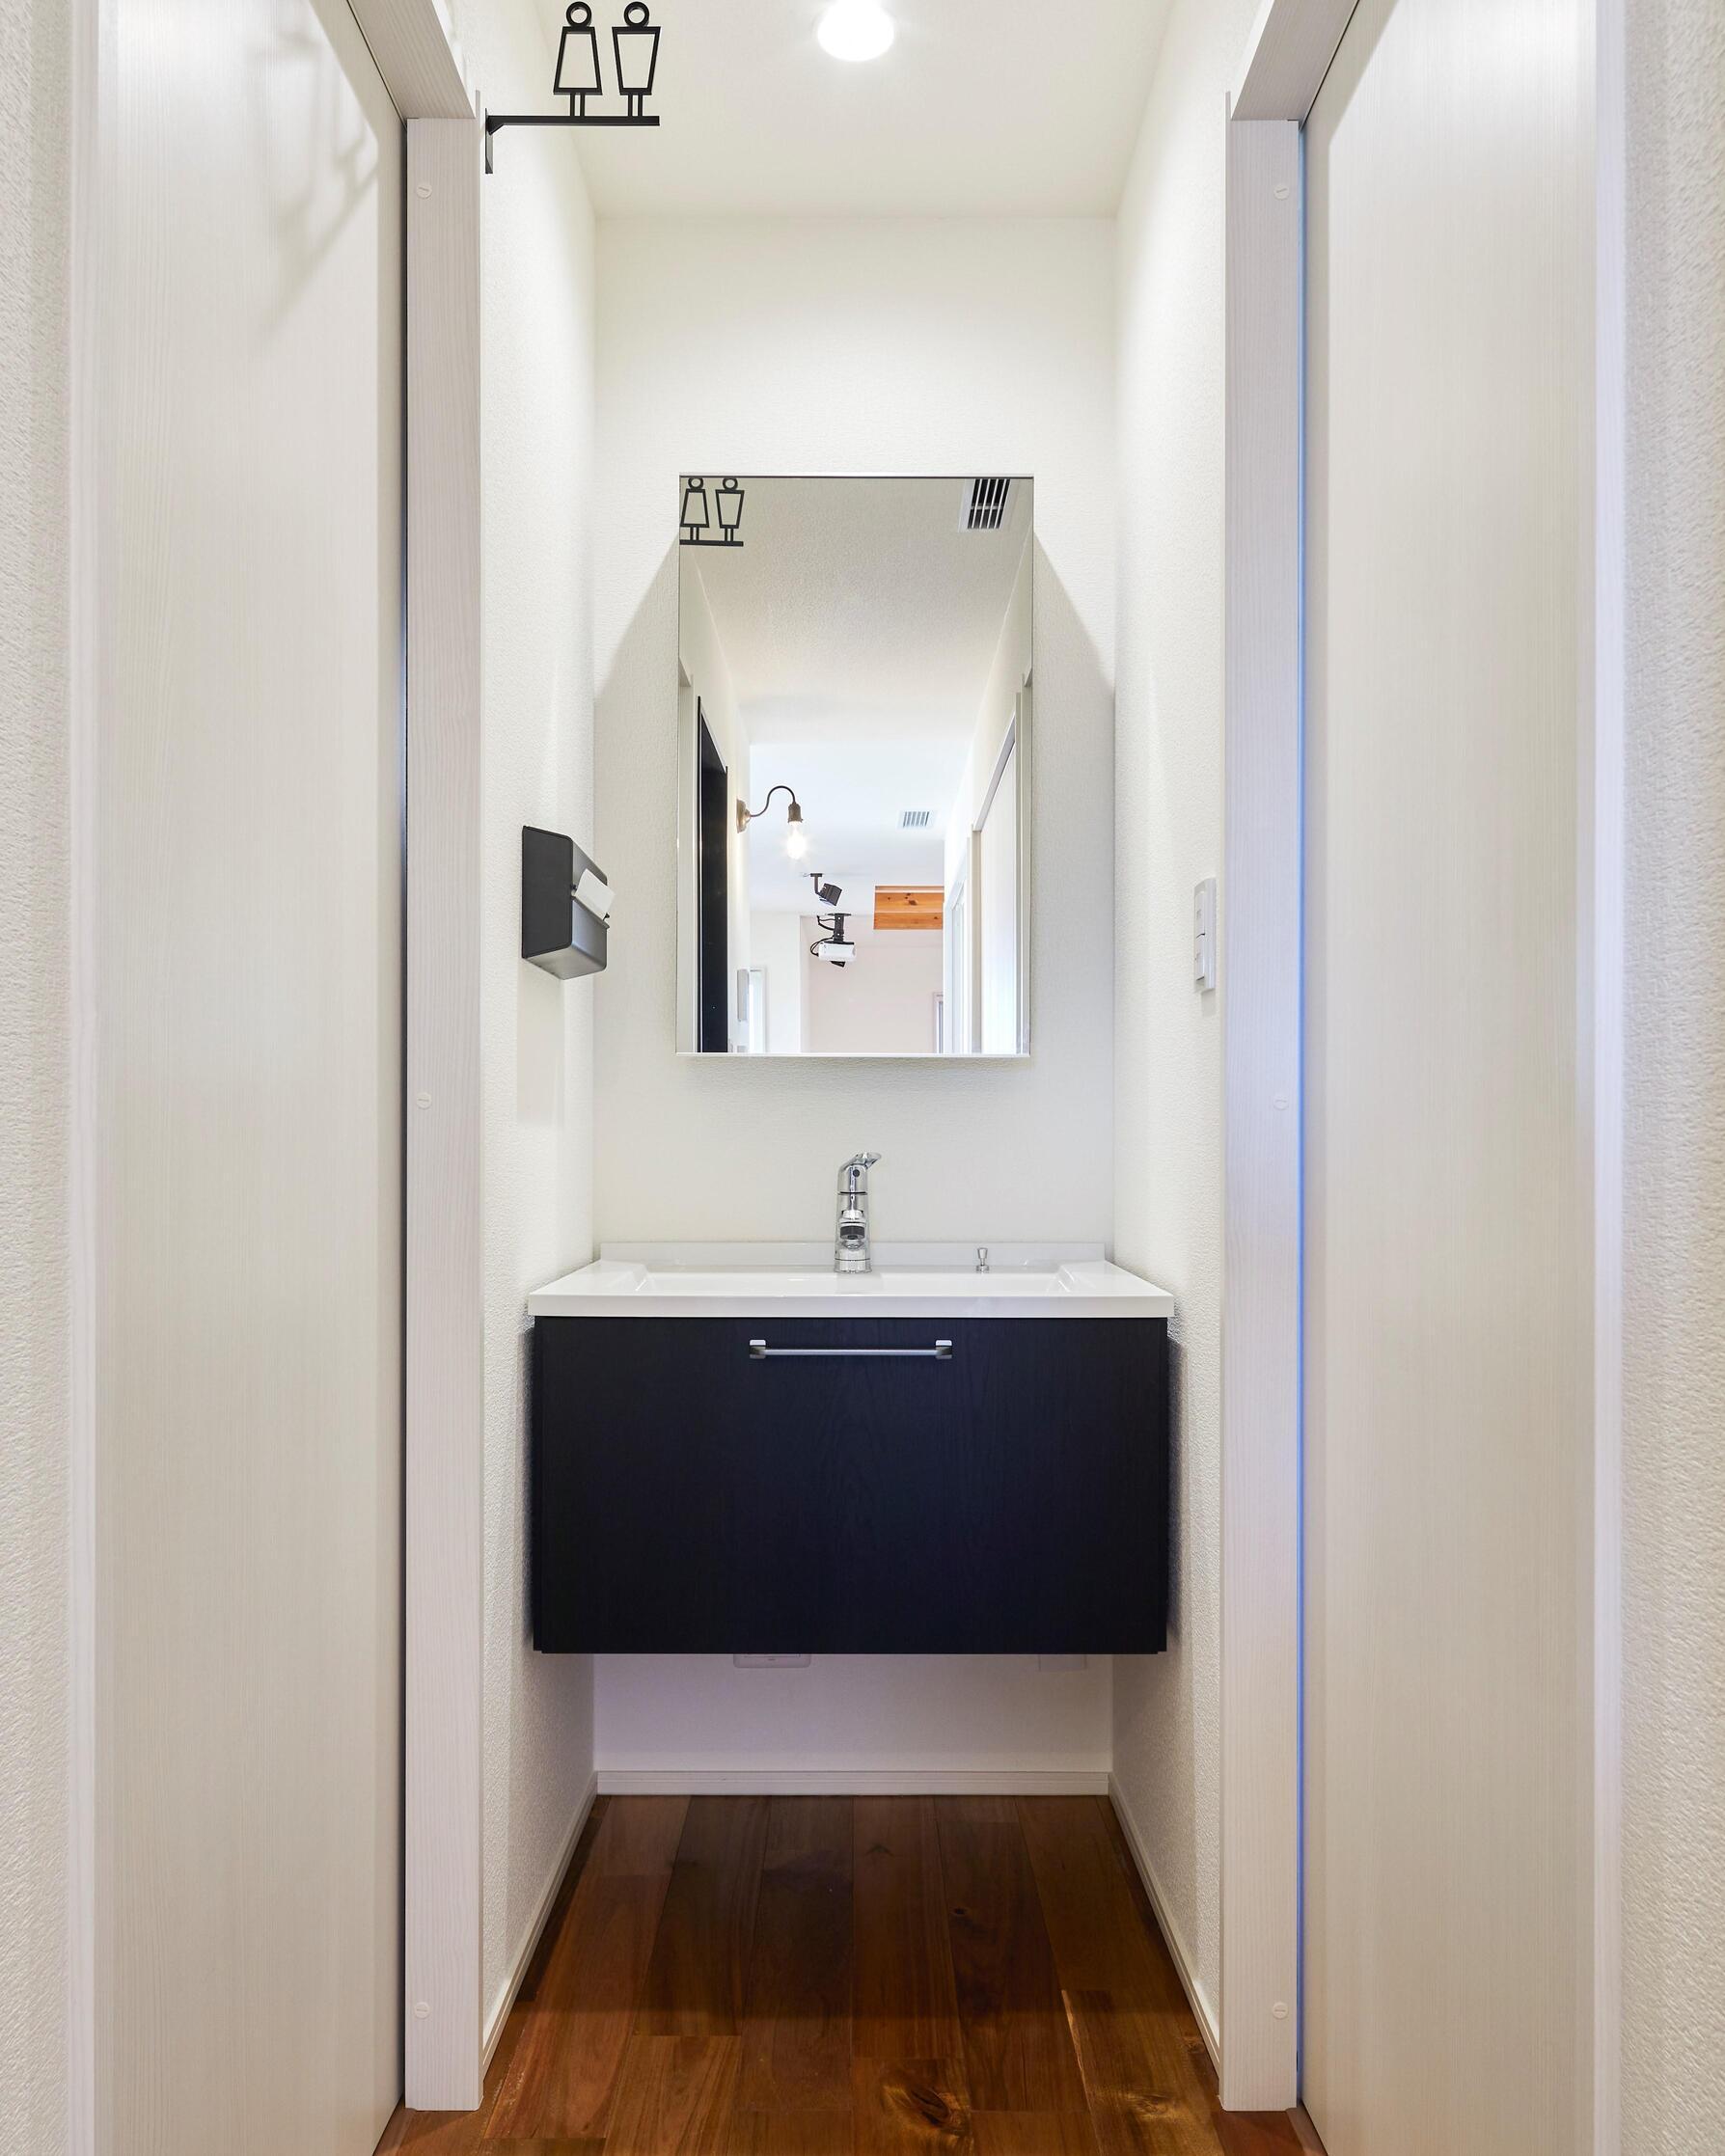 シンプルな洗面化粧台はスッキリと清潔感がある。脱衣所とは別のスペースに設置することで、来客時でも気兼ねなくお使いいただける